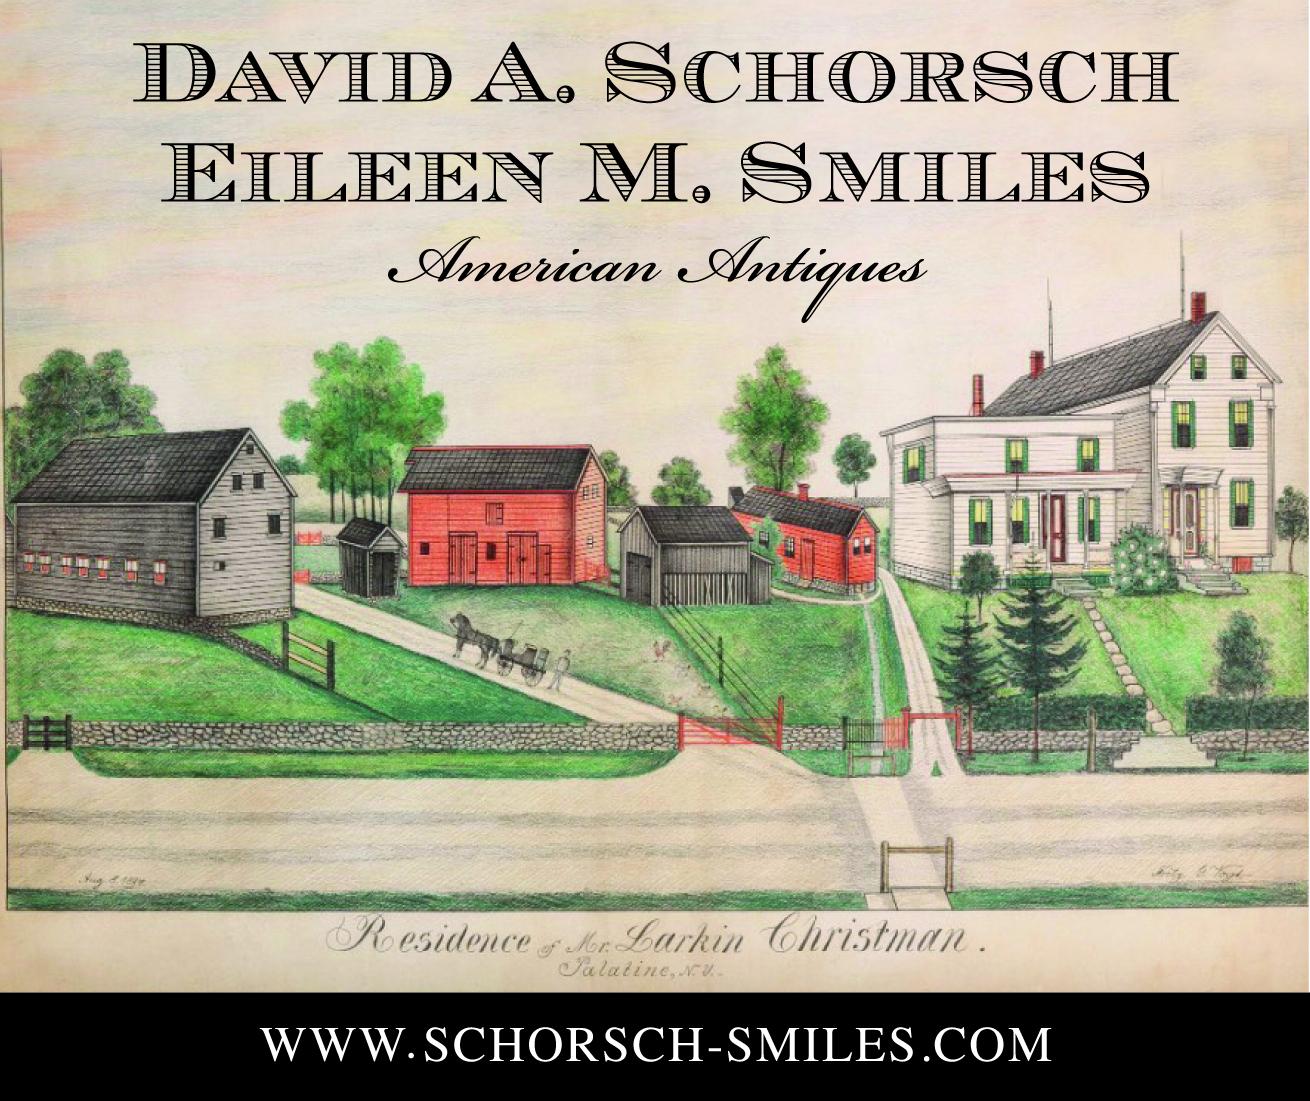 David Schorsch